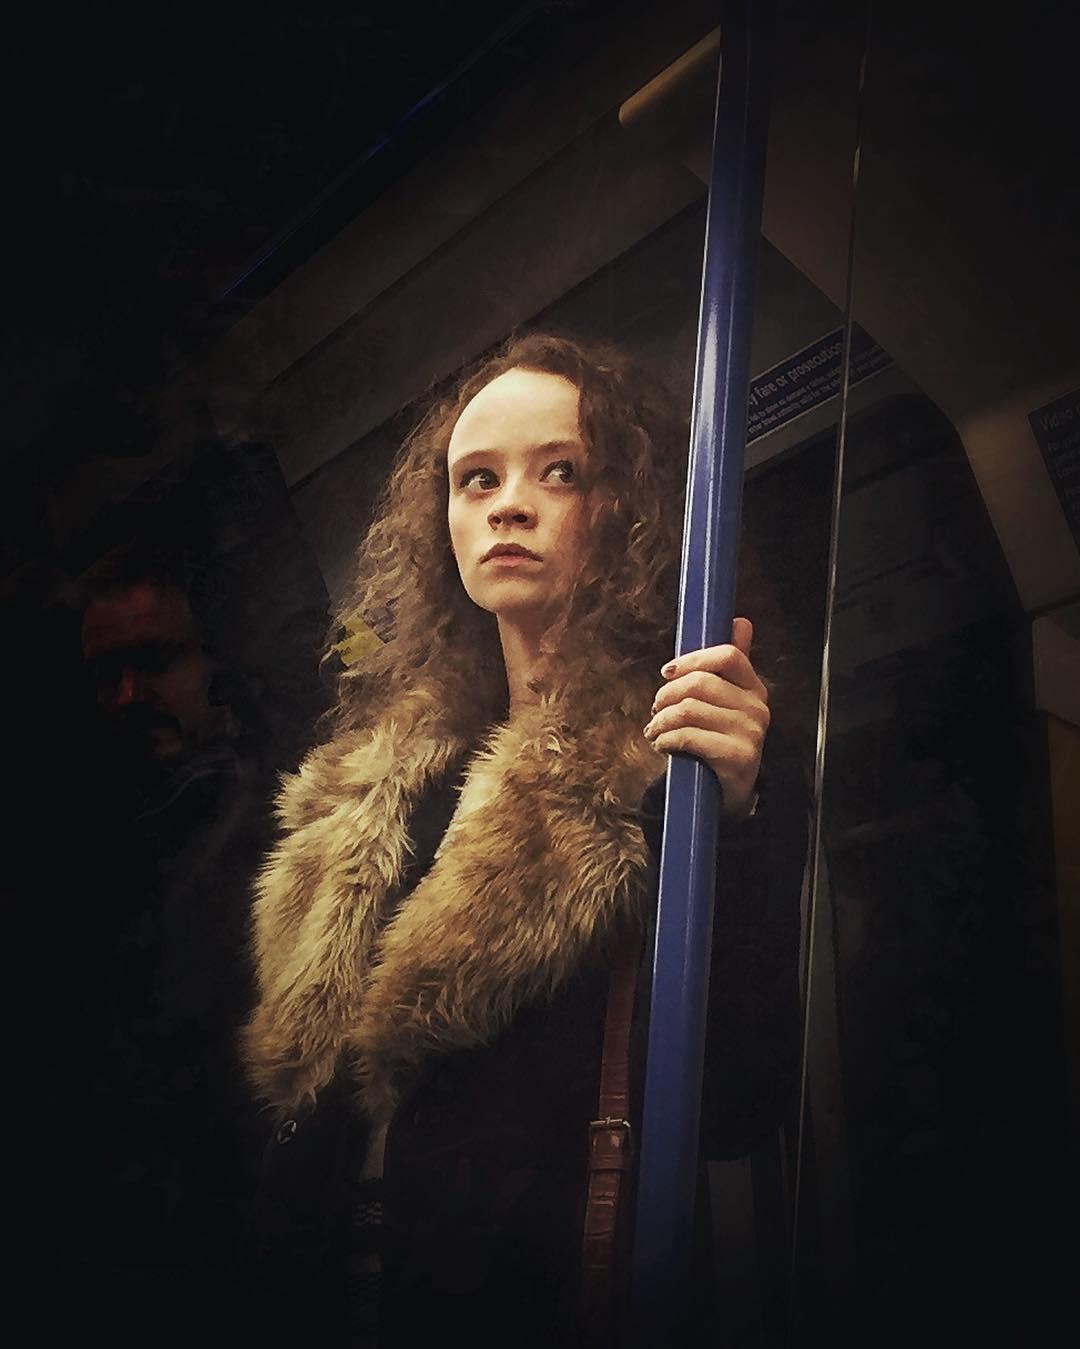 Фотограф снимает пассажиров метро в духе картин Возрождения